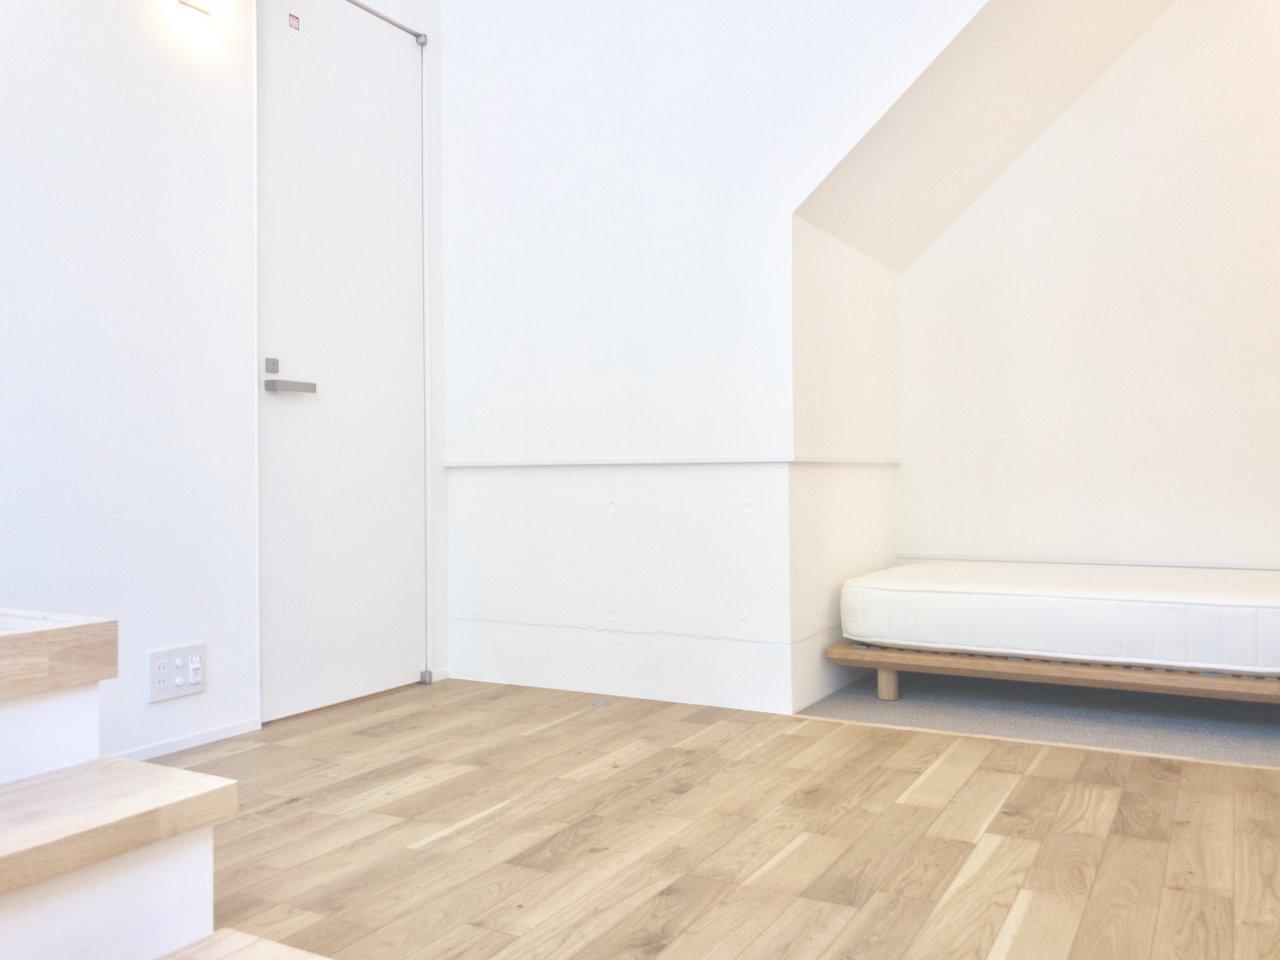 白い壁に明るい木目のフローリングのこちらのお部屋。お部屋全体がパッと明るい印象です。